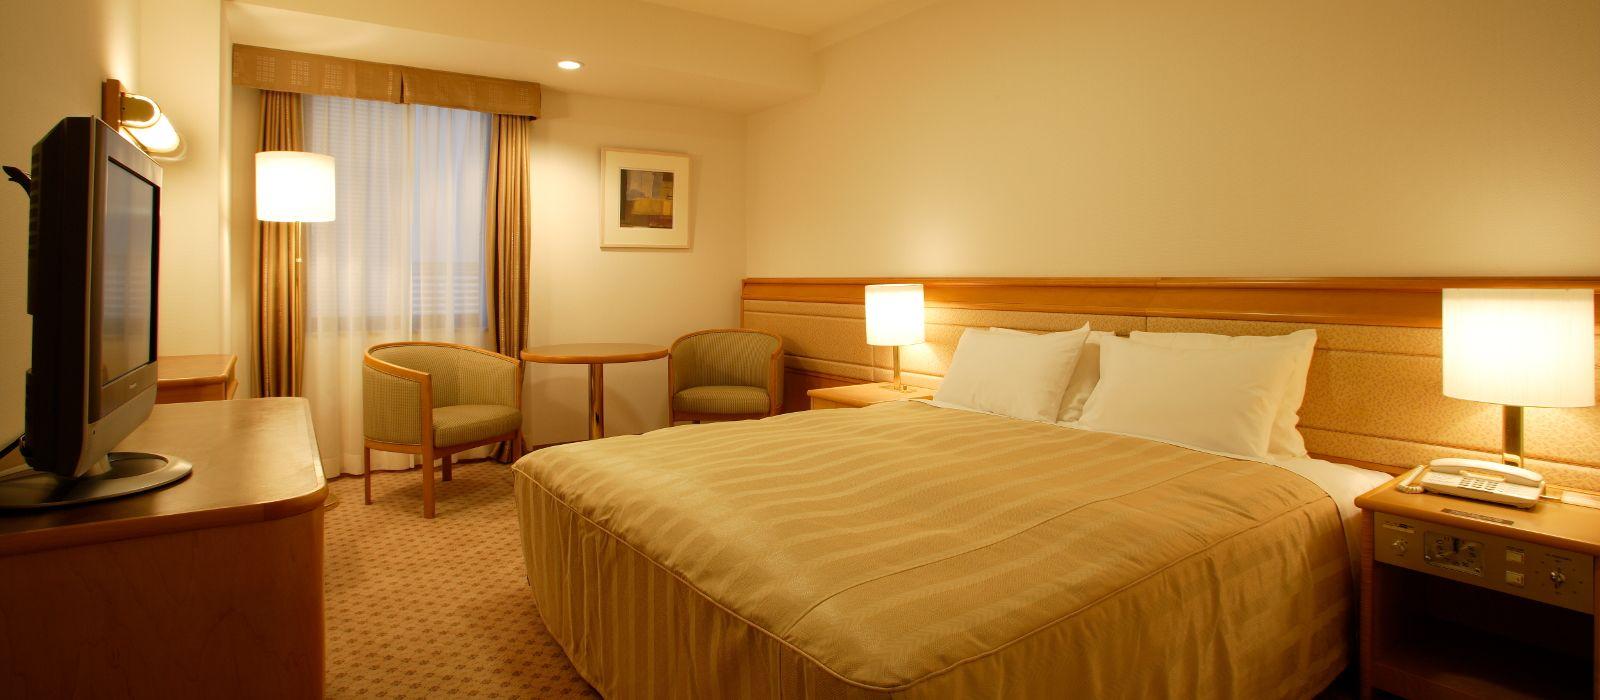 Hotel Shiba Park 151  Japan